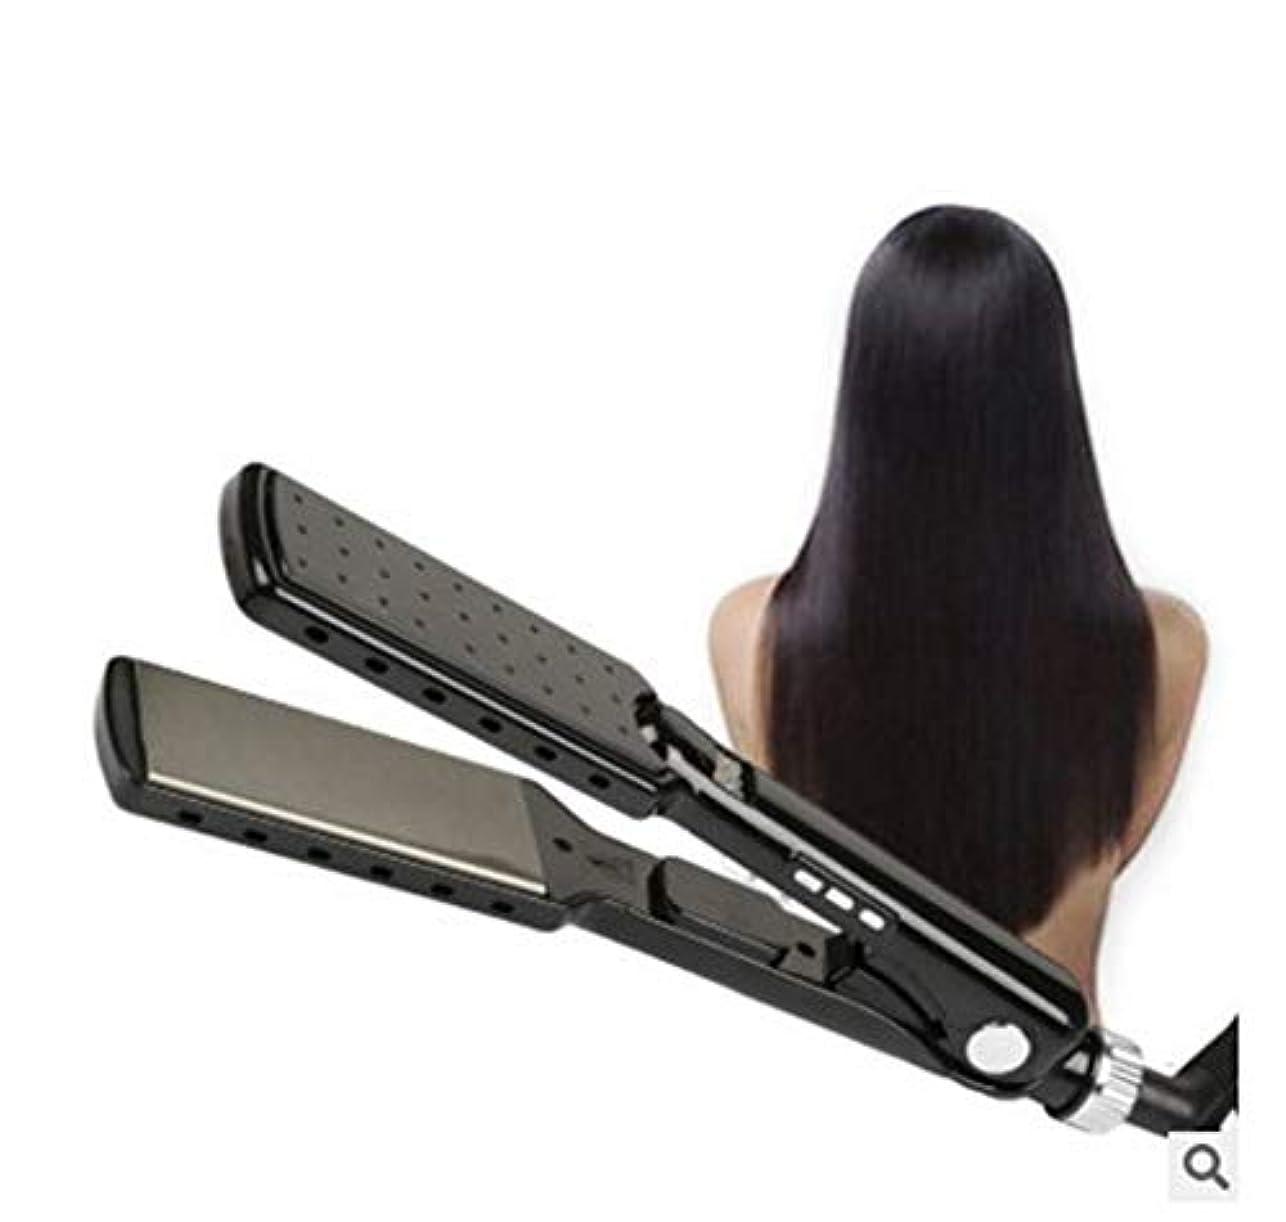 確立倒産連隊プロのサロン高品質フラットアイアンストレートヘアアイロンインスタント加熱デュアル電圧トラベルヘアストレートニングアイロンすべての髪の滑りやすいスライドに適しています